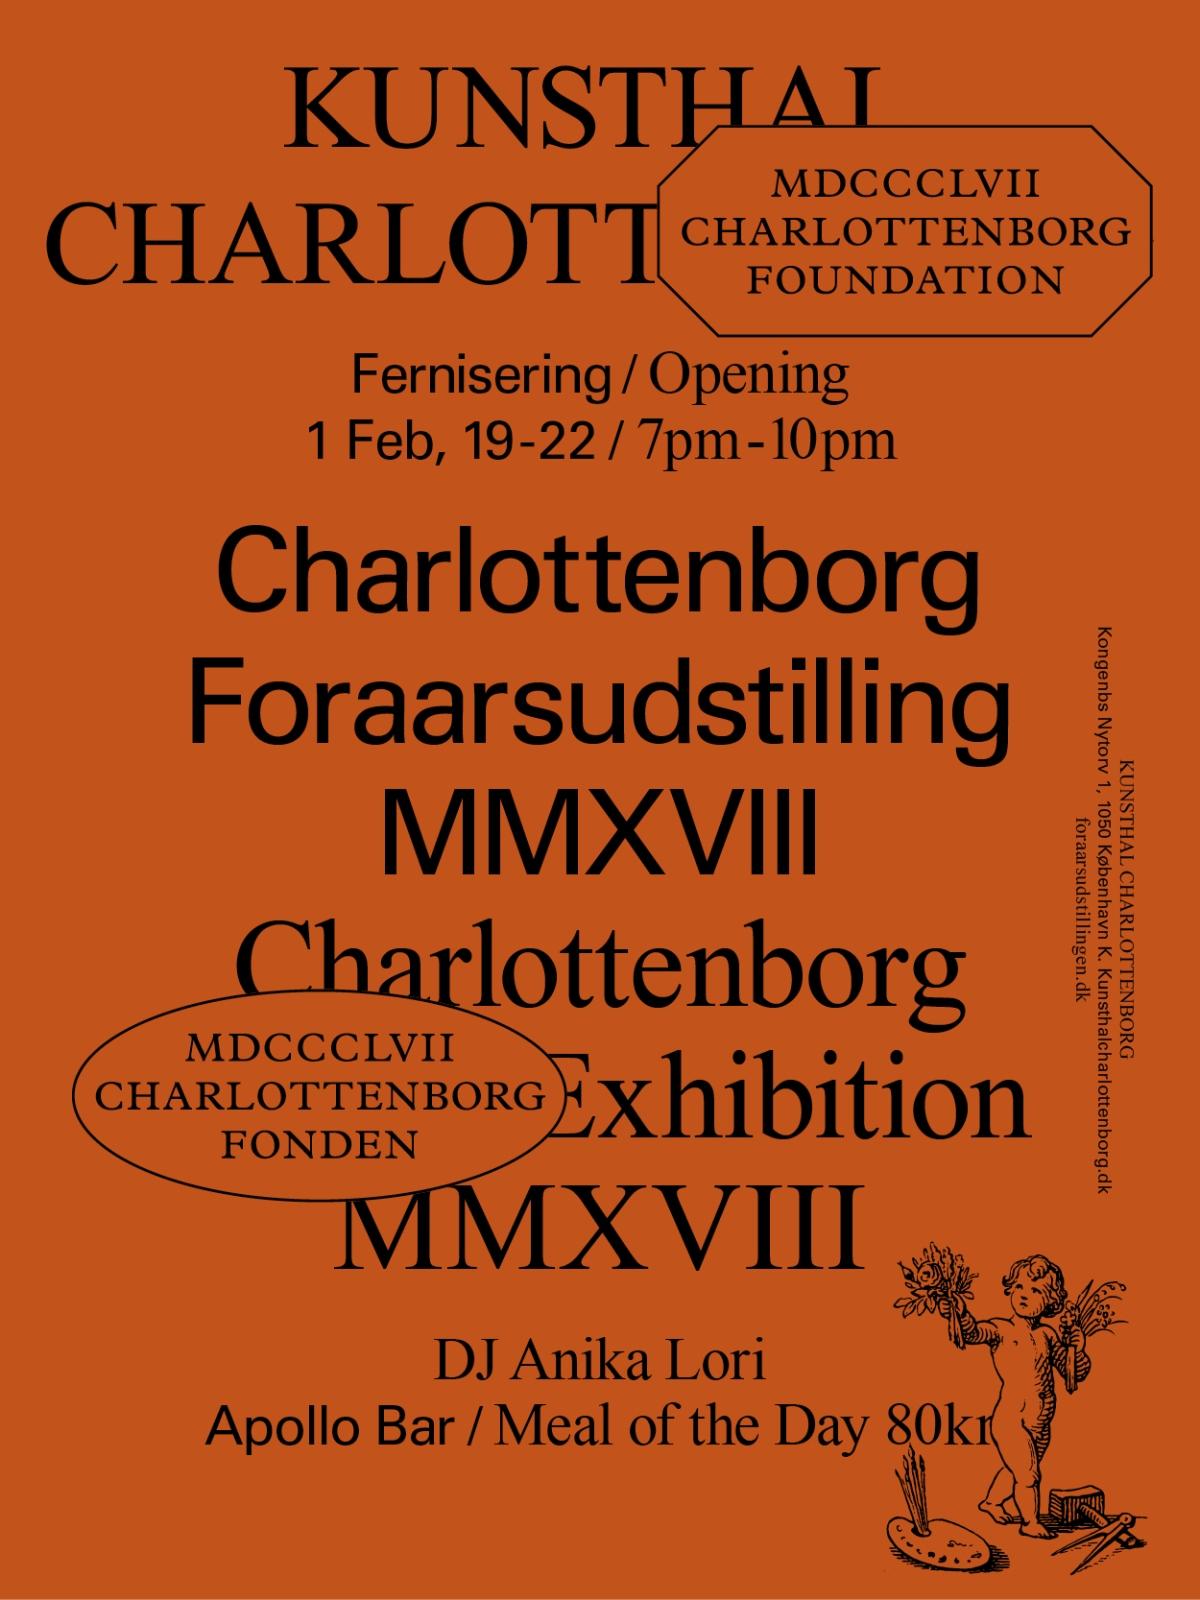 Charlottenborg Forårsudstilling 2018 – The Opening1/2